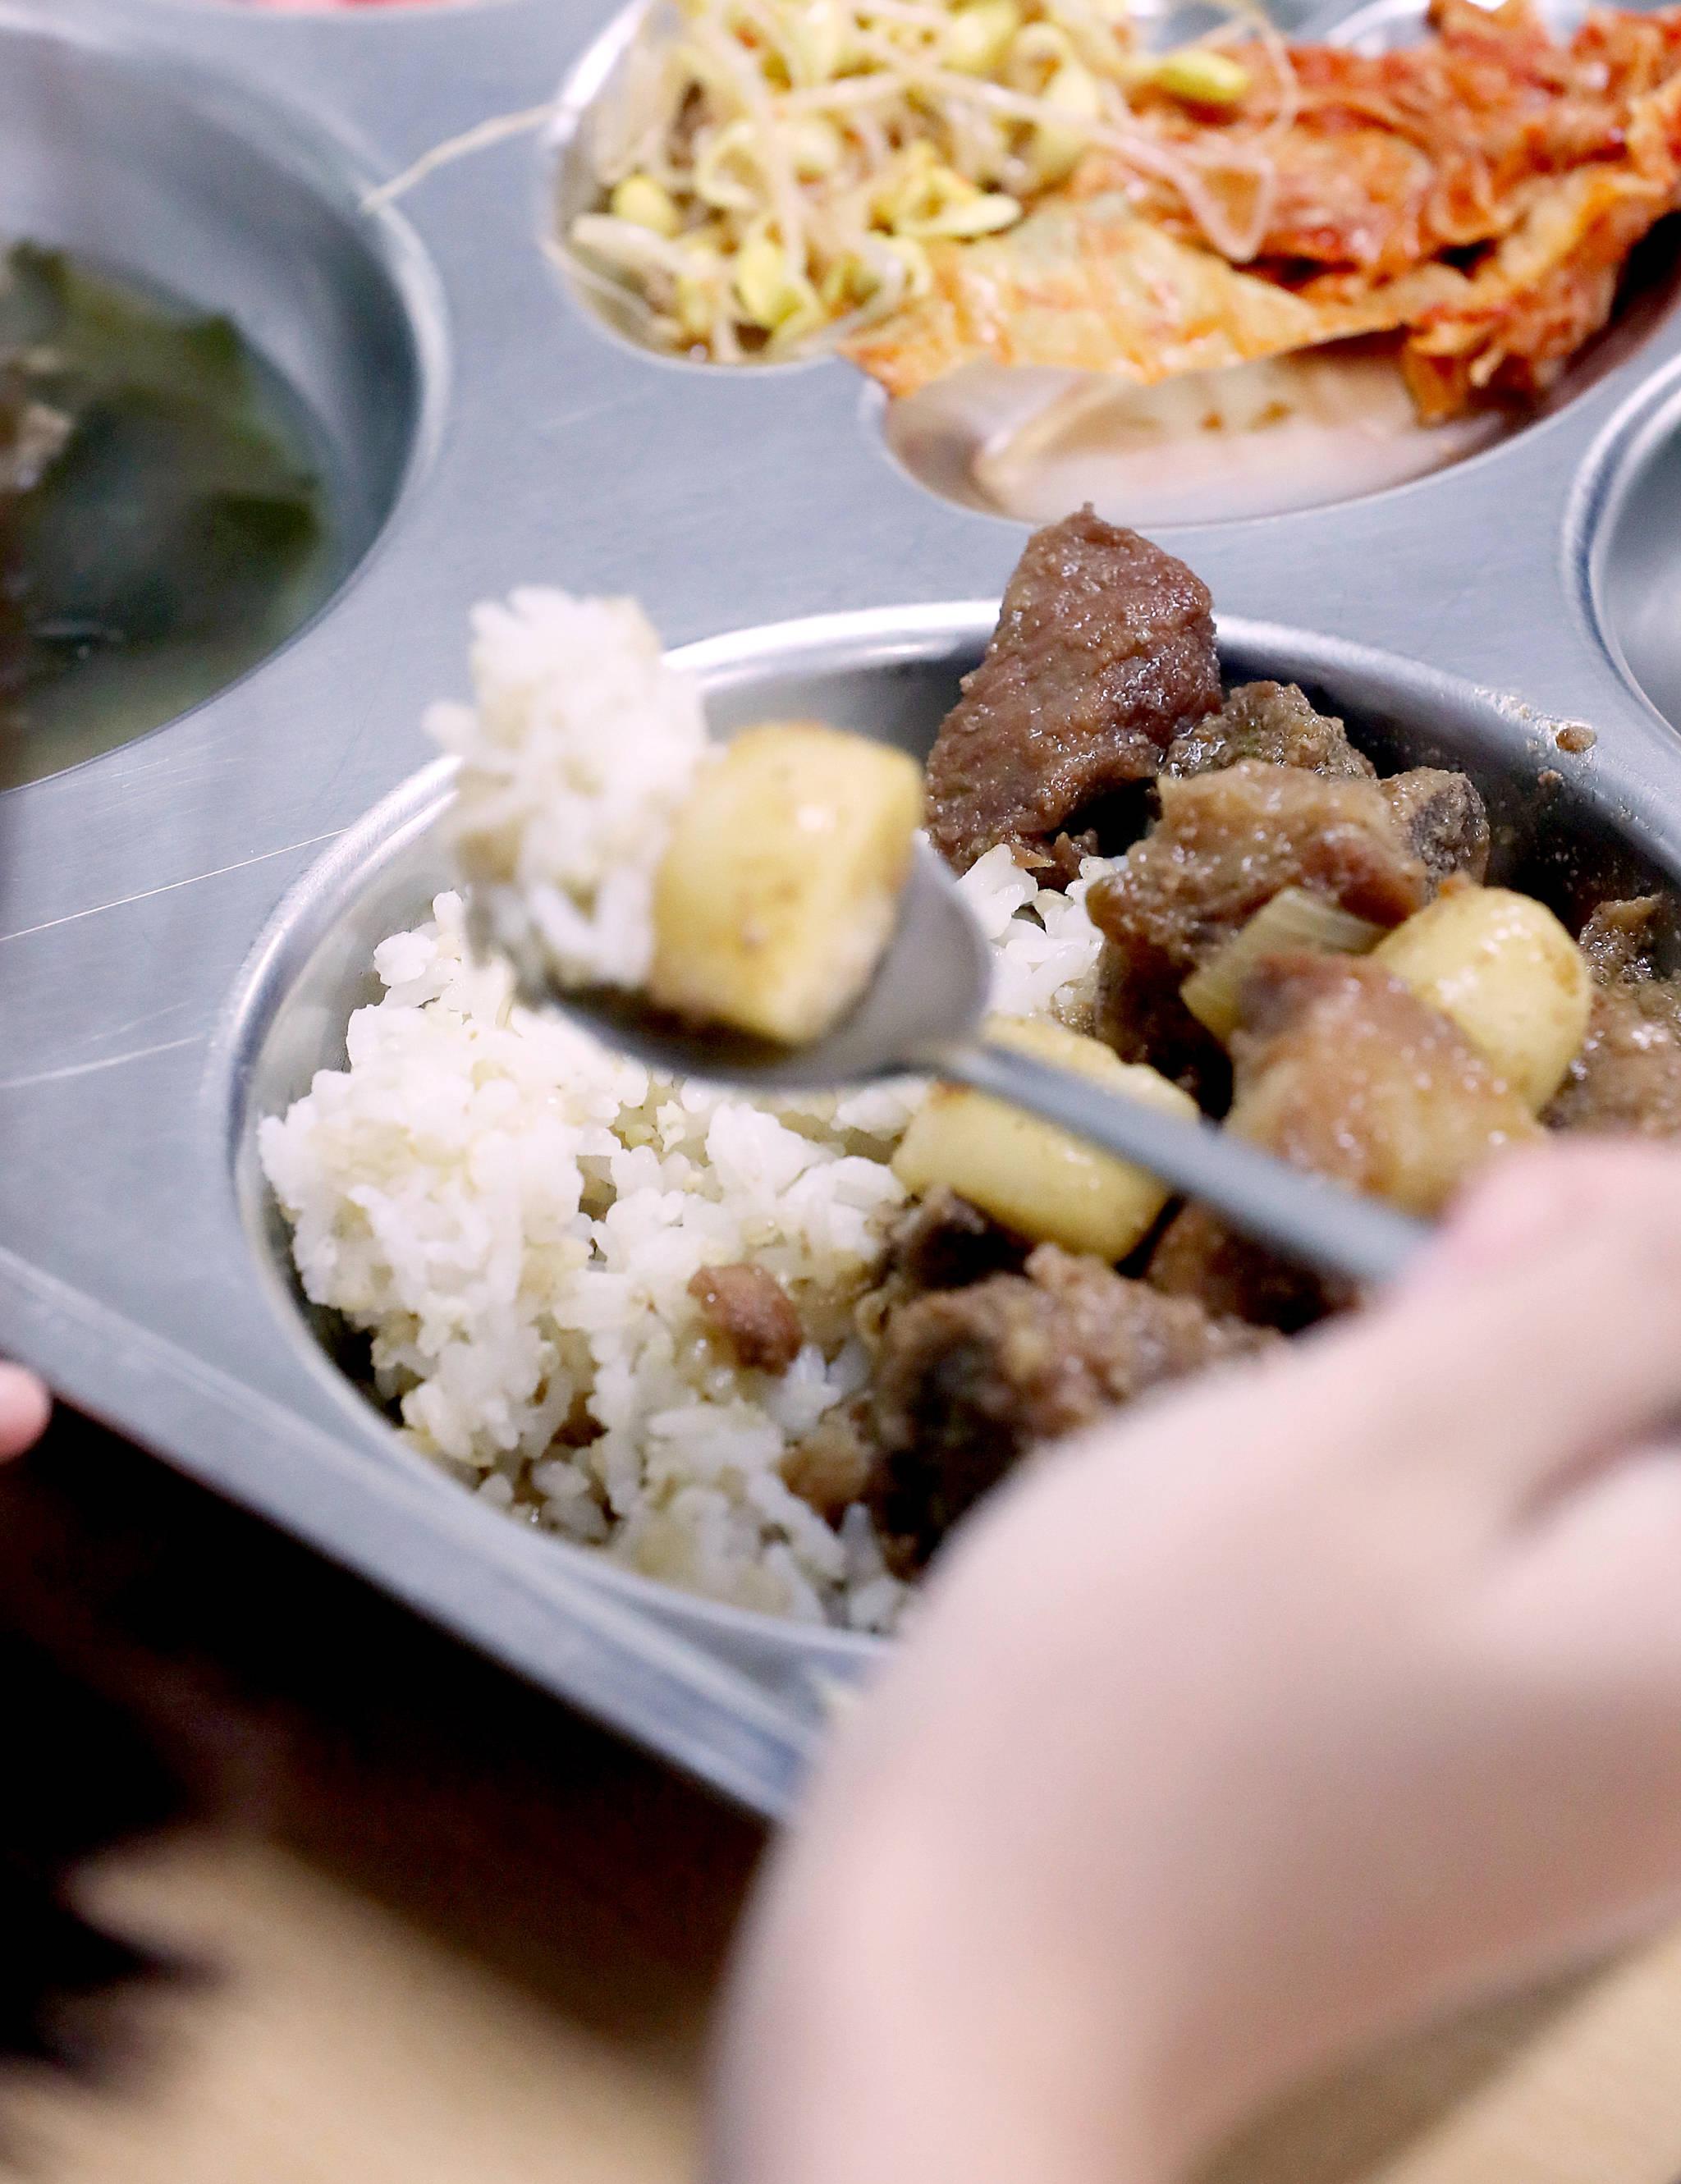 서울 시내 한 중학교에서 학생이 점심 급식을 먹고 있다. 학교 등에 급식 식재료를 공급하는 업체의 법 위반 사례가 꾸준히 이어지는 것으로 나타났다. [중앙포토]